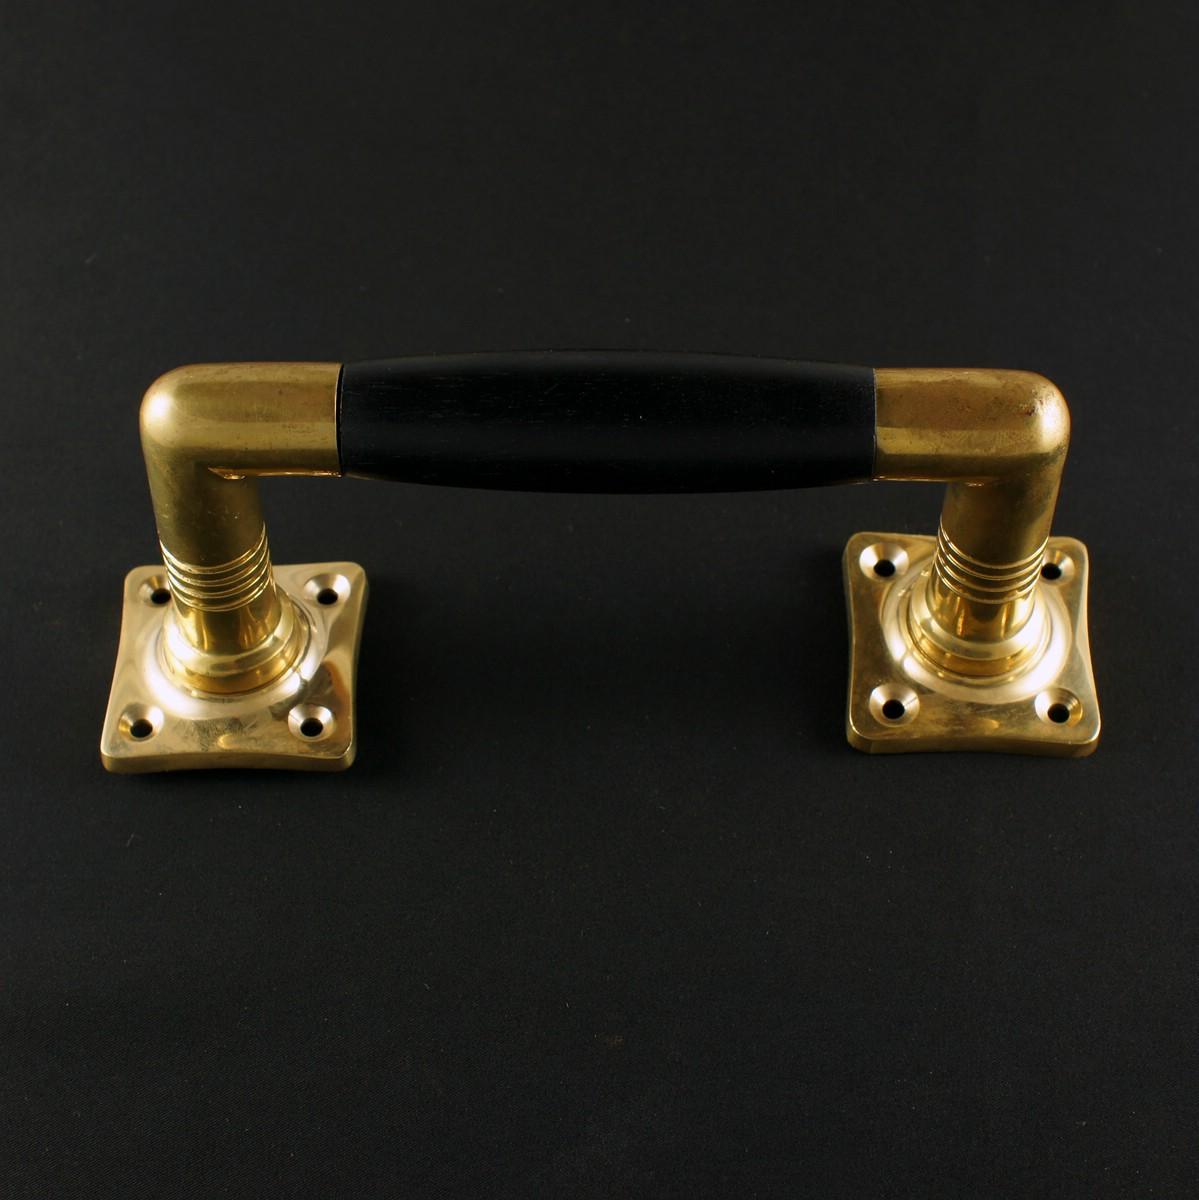 324.0005.35 Ziehgriff - antiker Türgriff, Balkongriff, Terrassentürgriff, Schiebetürgriff